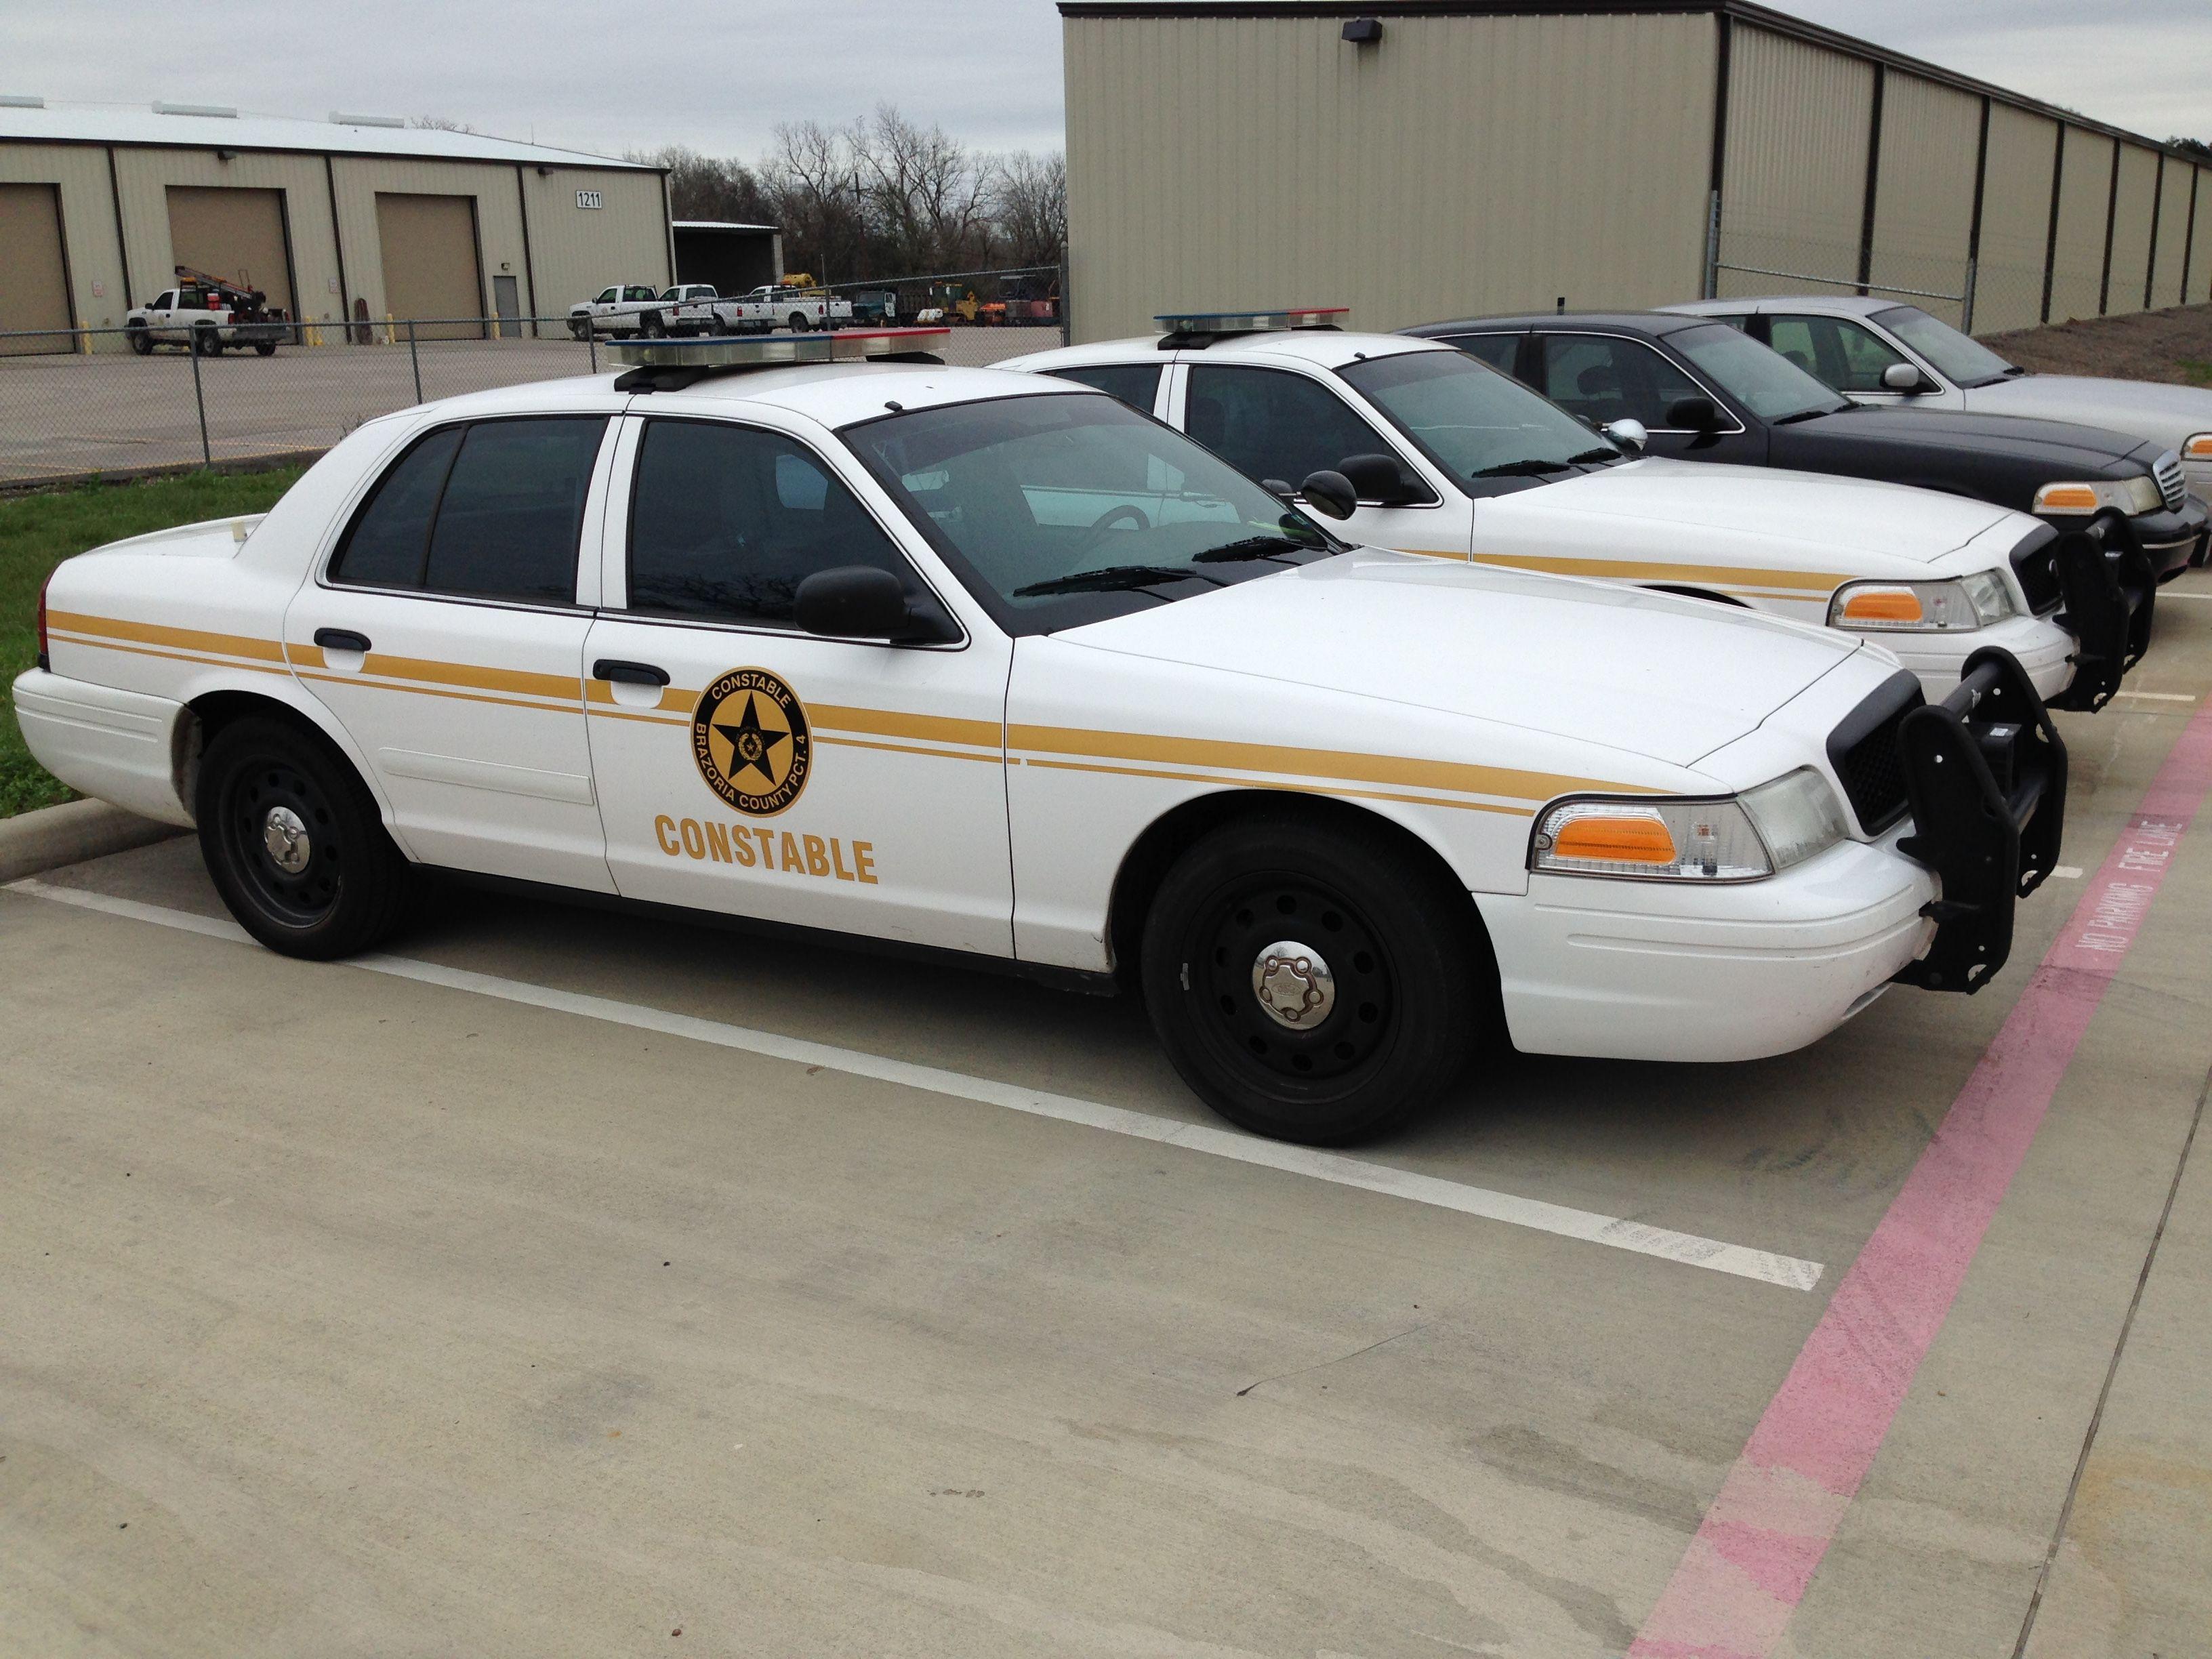 Brazoria County Precinct 4 Constable Ford Crown Victoria Texas Police Cars Victoria Police Us Police Car